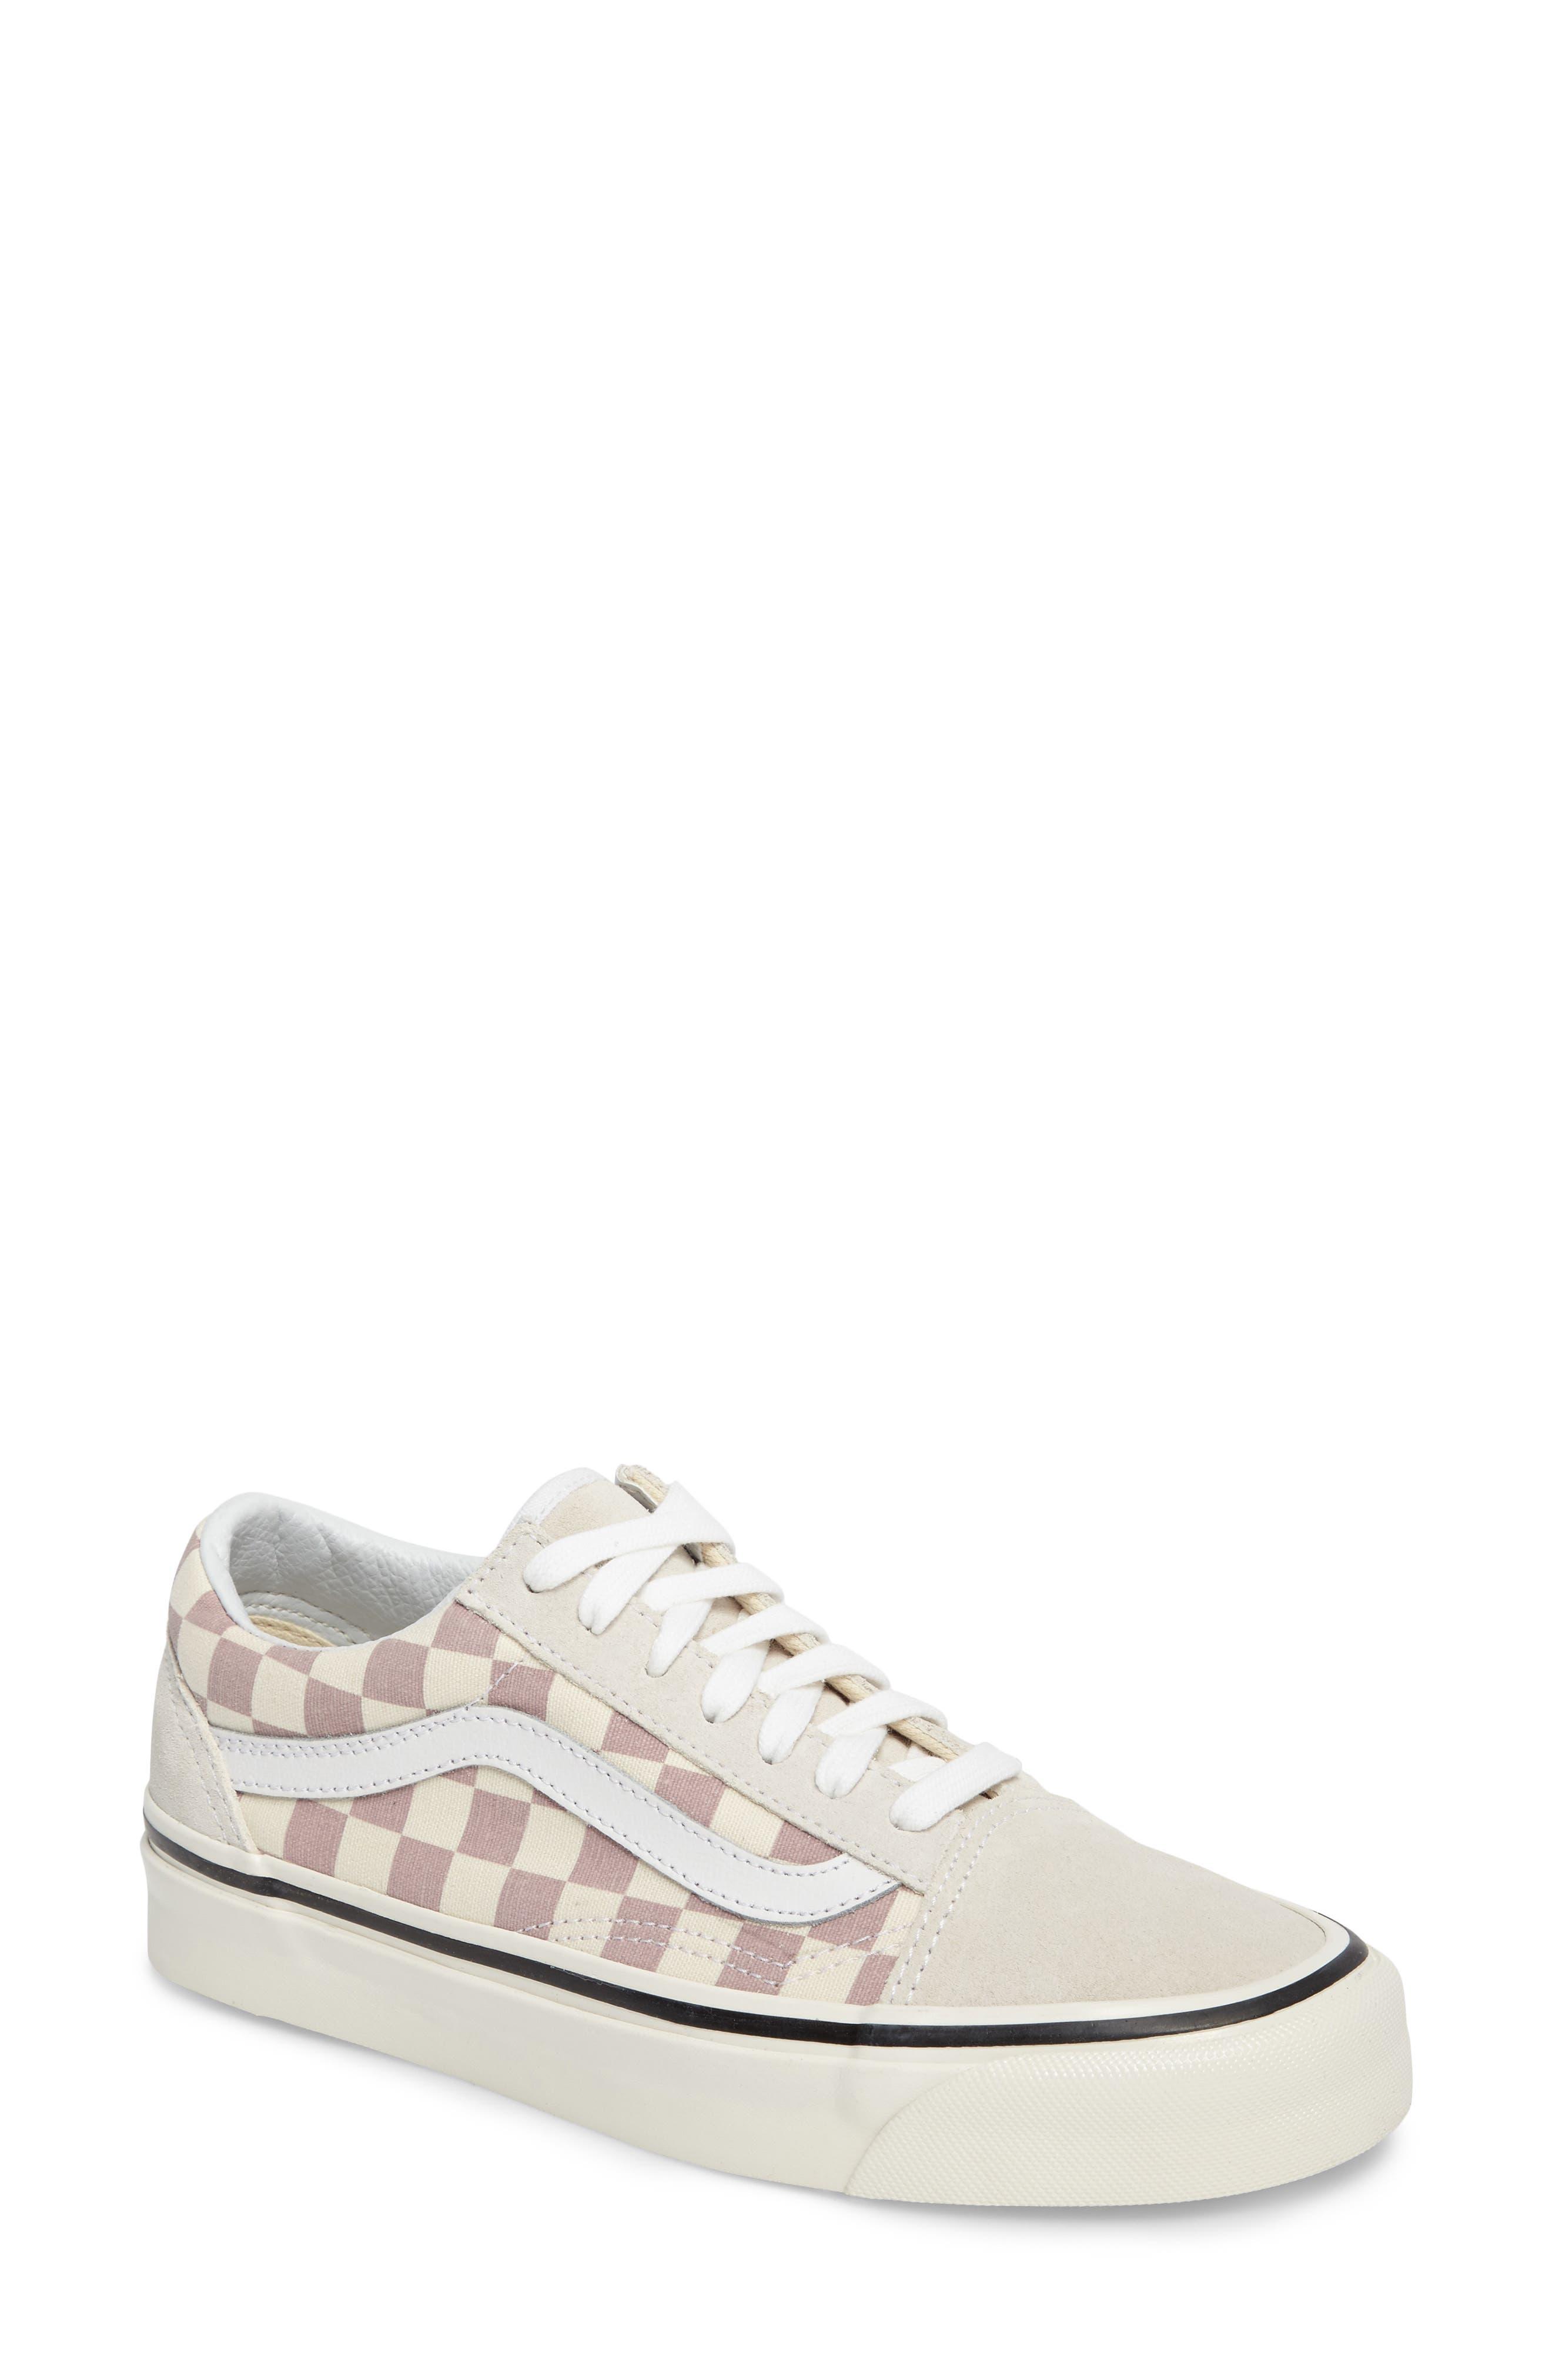 Main Image - Vans Old Skool 36 DX Sneaker (Women)